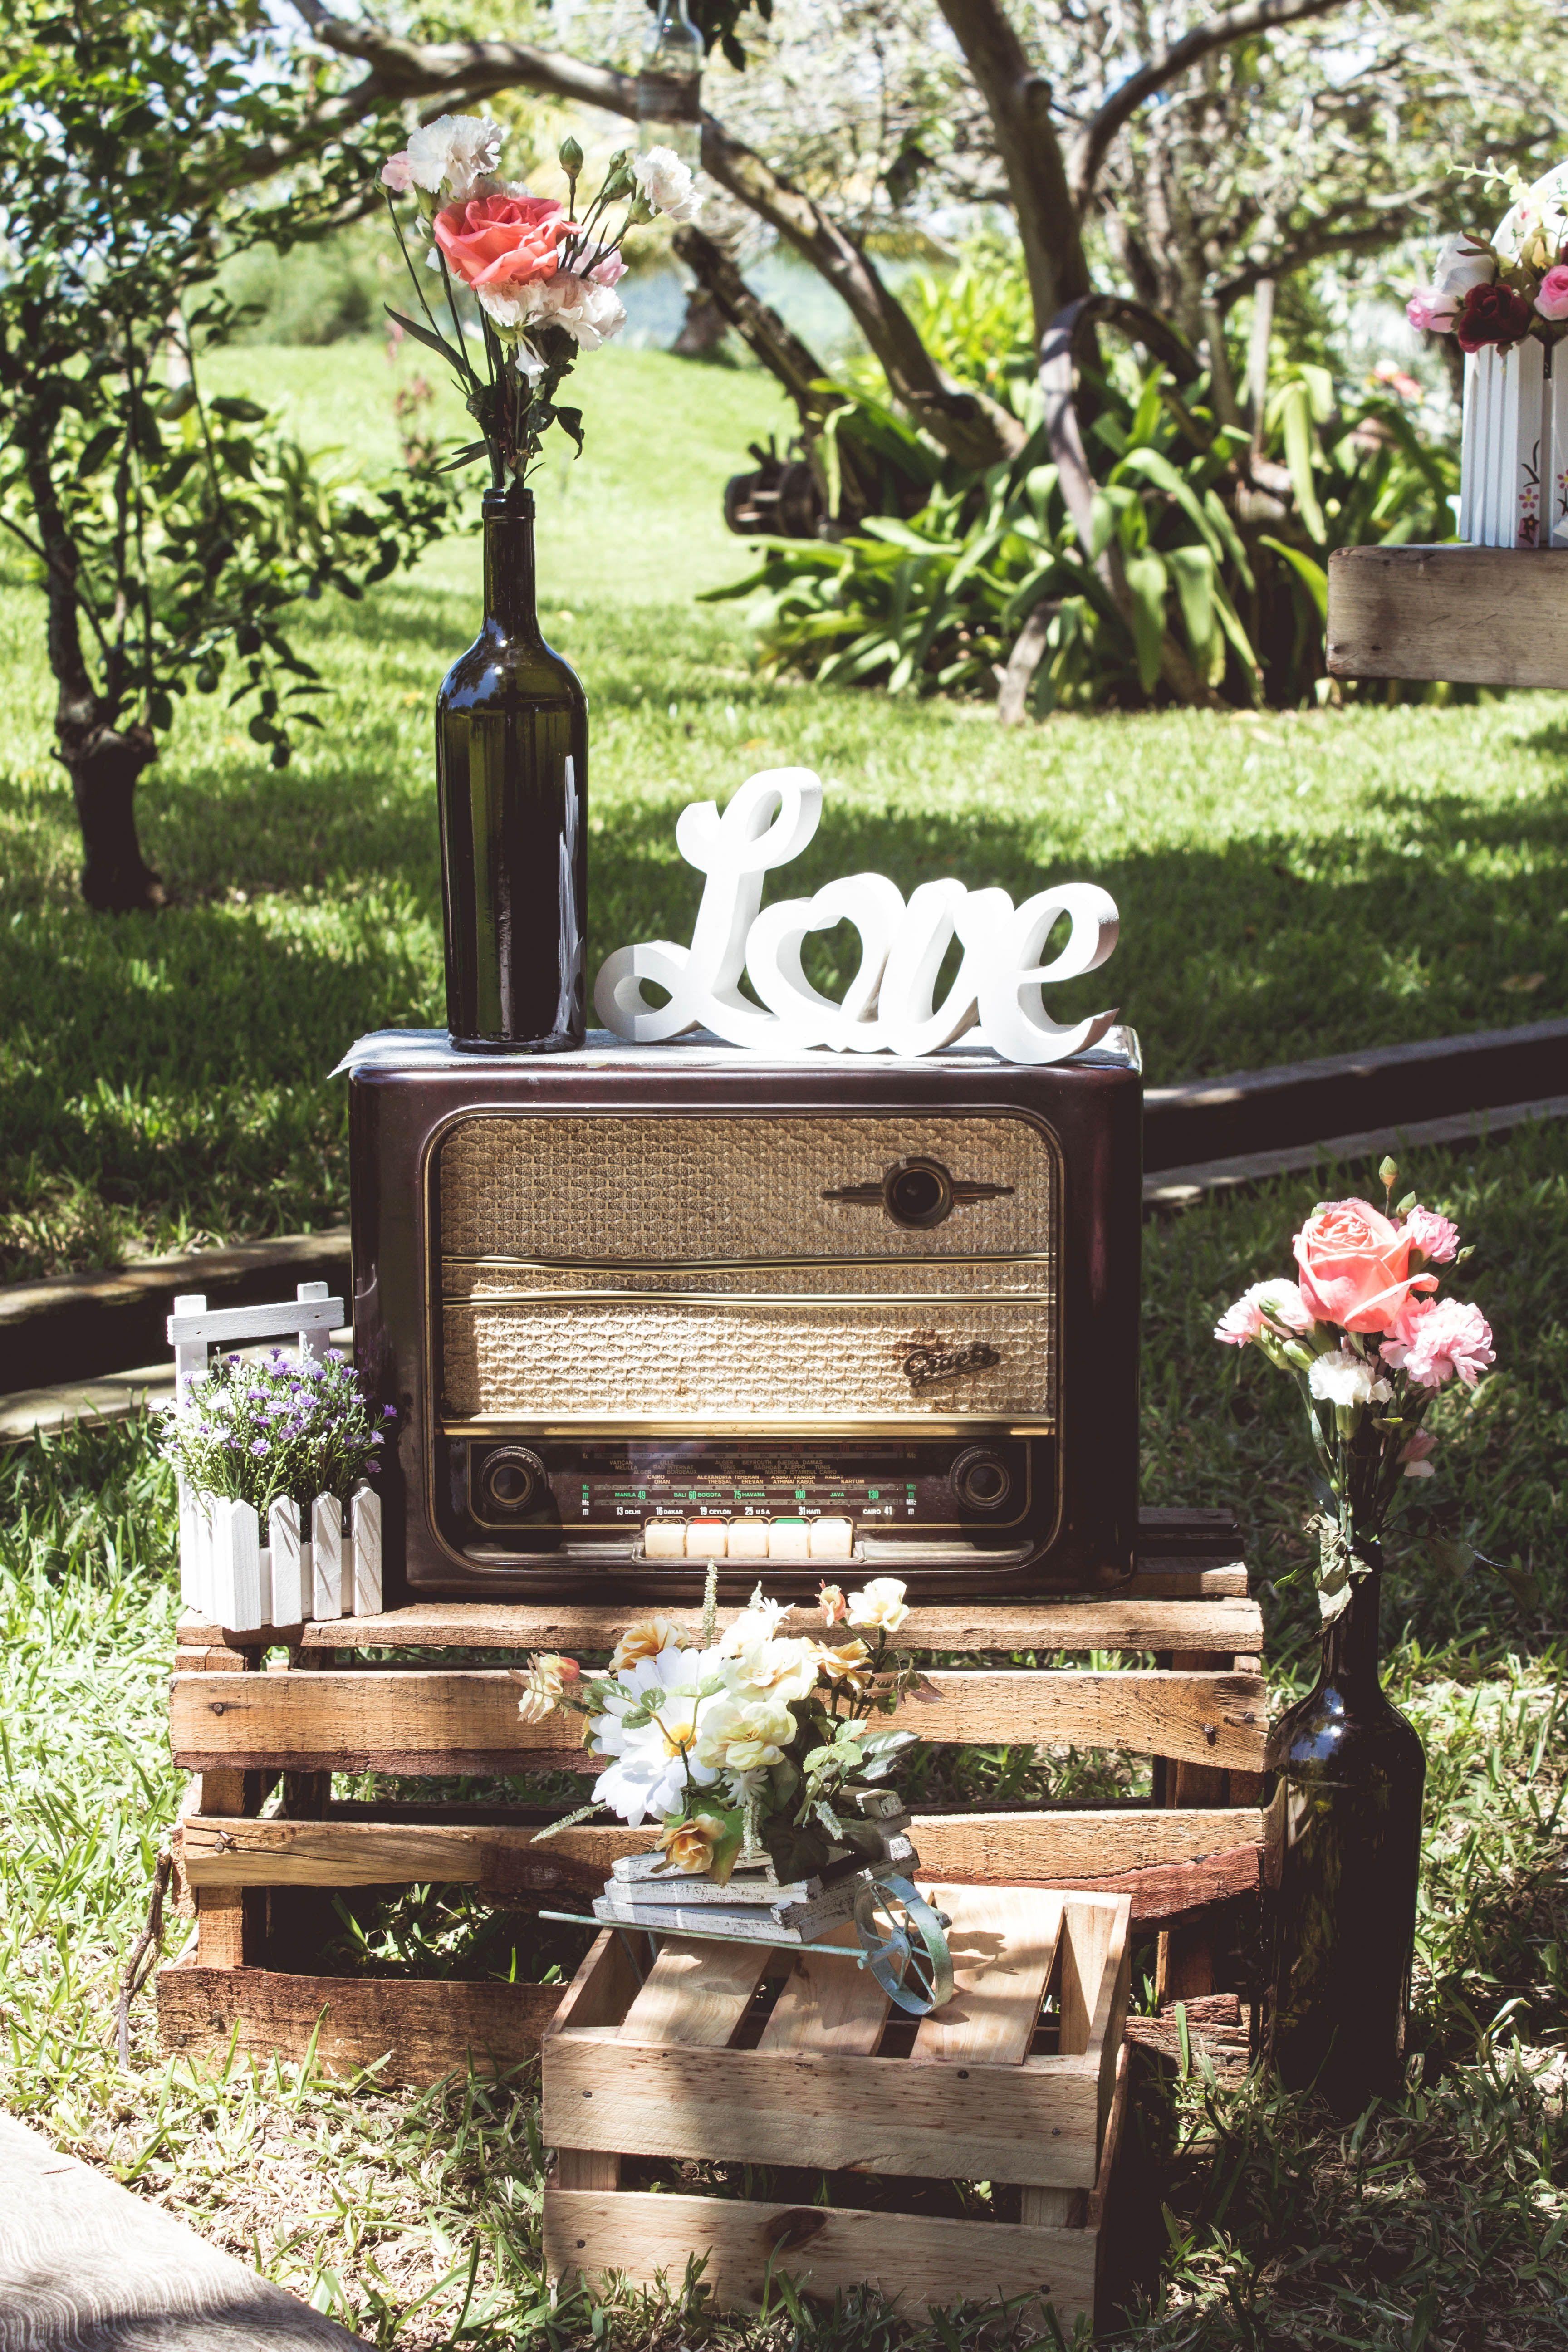 Decoraci n vintage para bodas ideas para bodas and weddings - Decoraciones bodas vintage ...